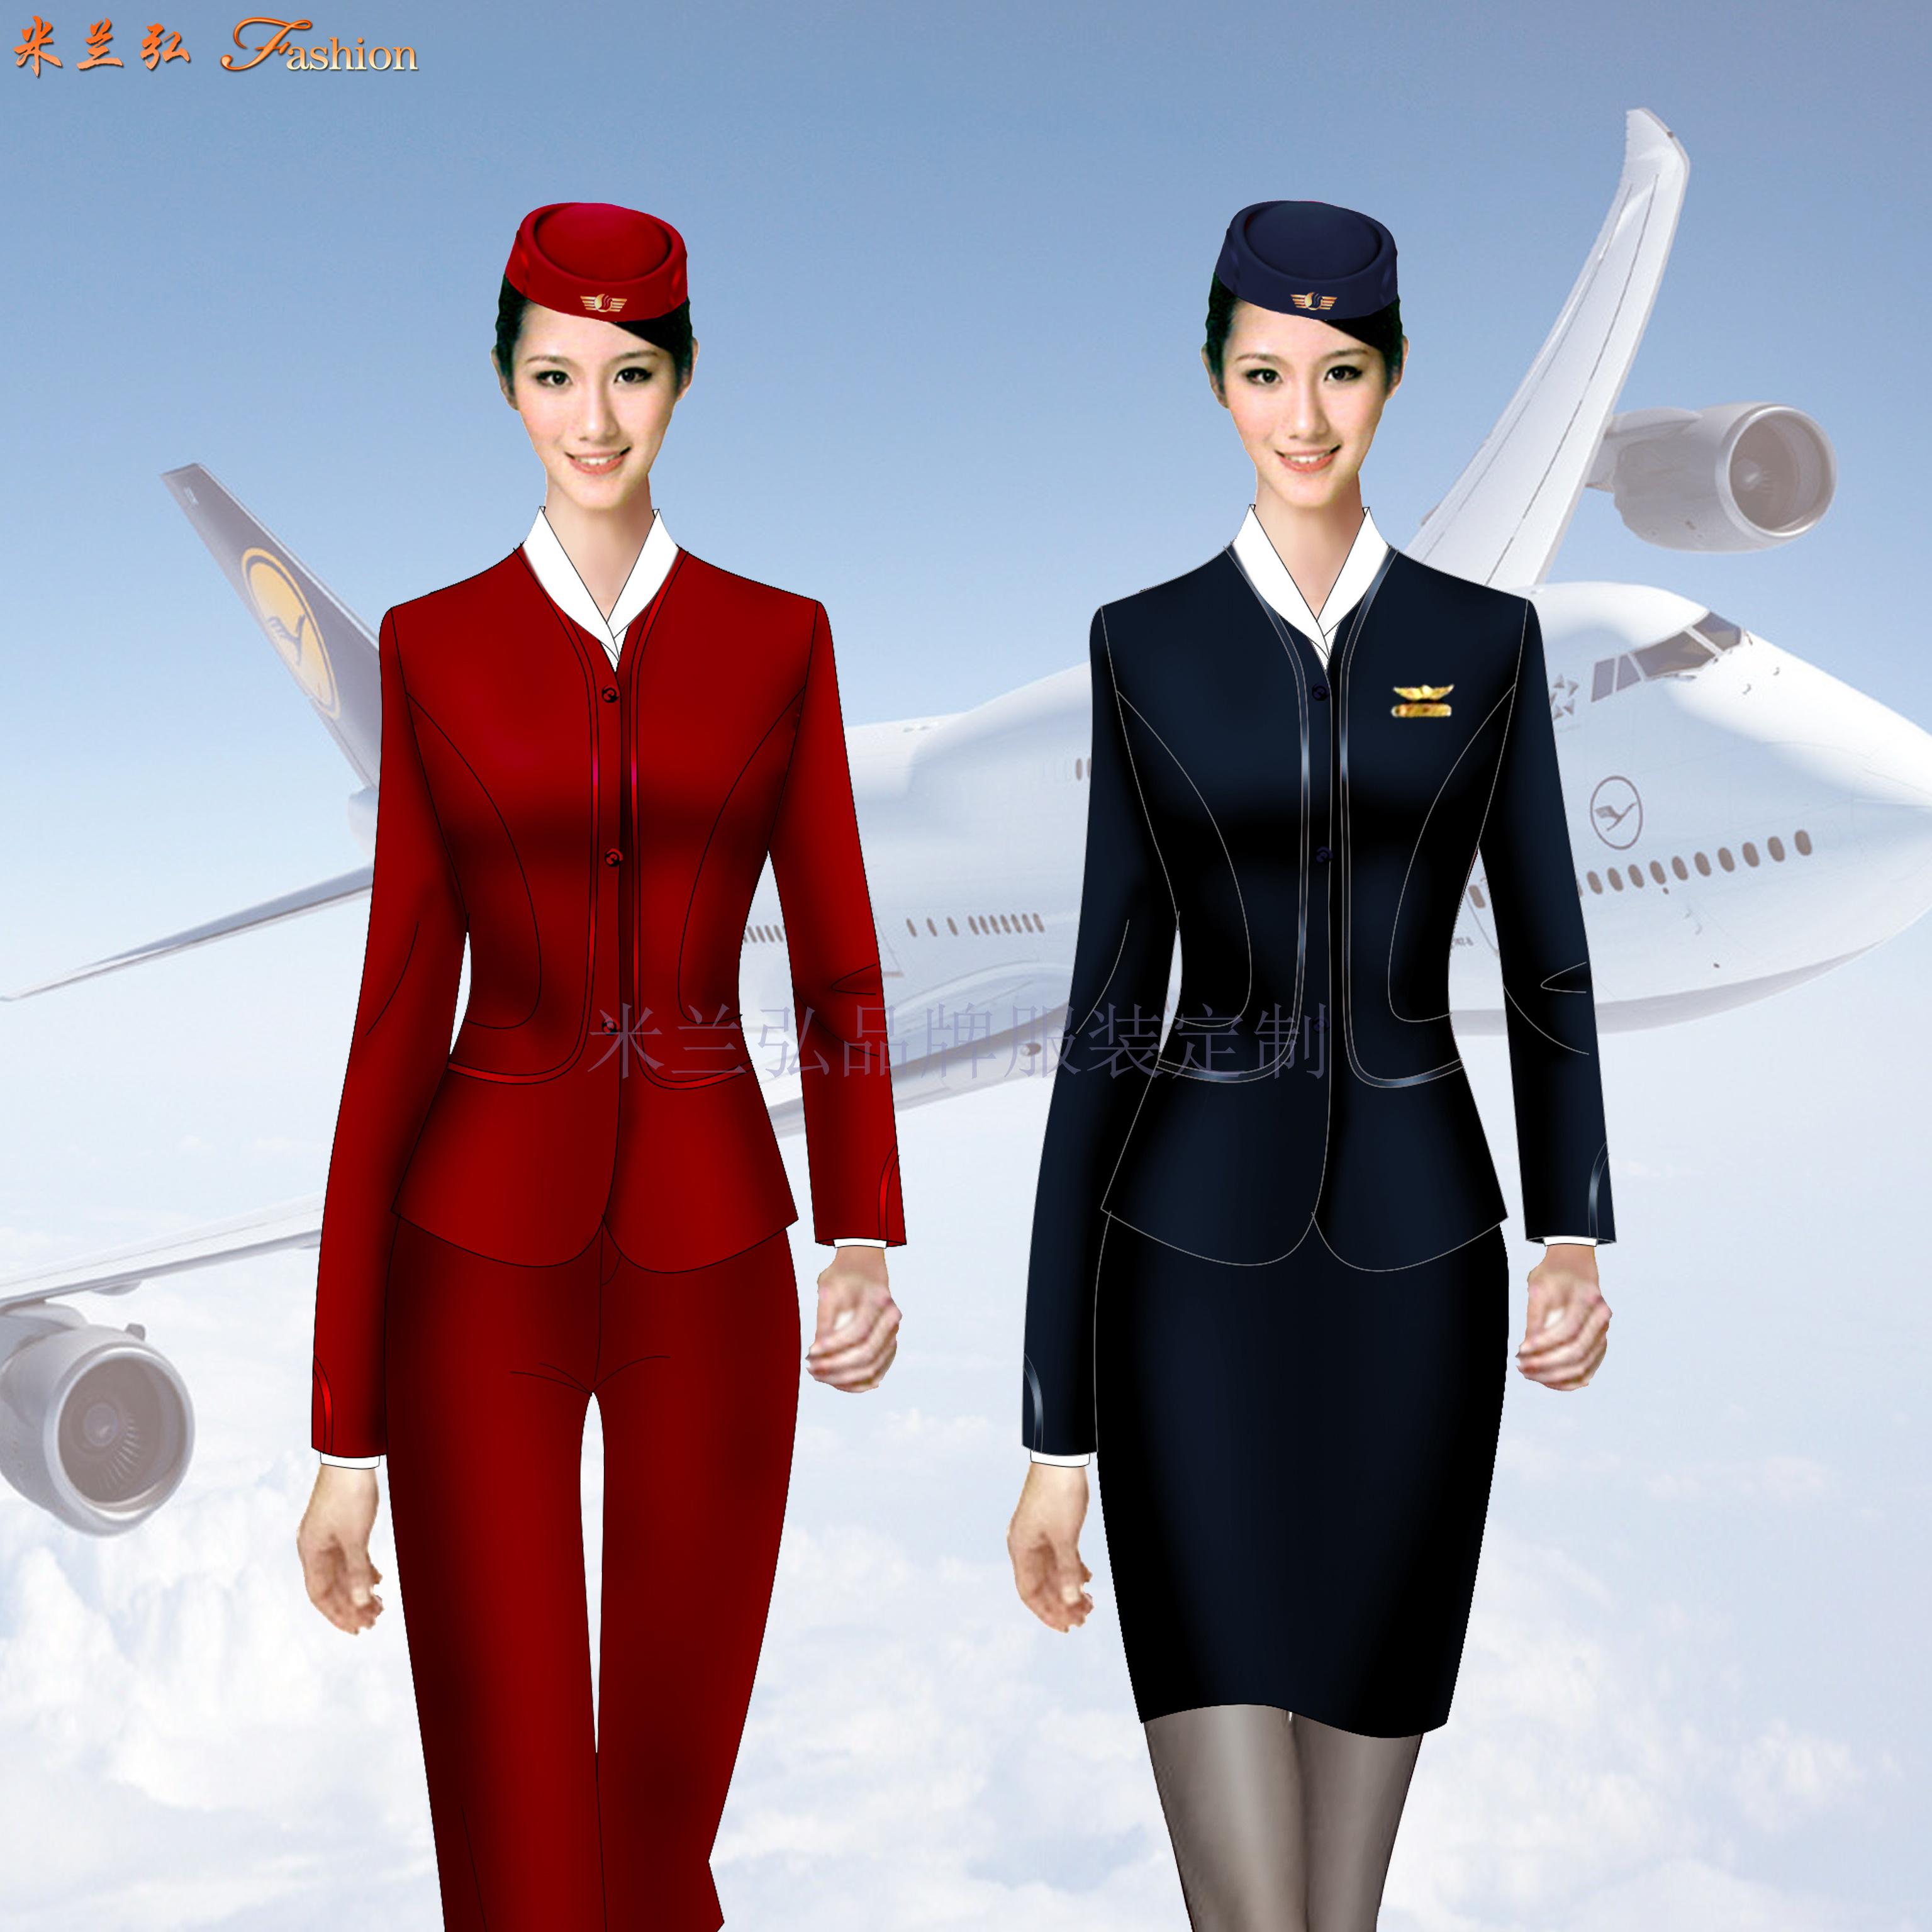 江西空姐服定制-空乘人员服装图片-米兰弘服装-4